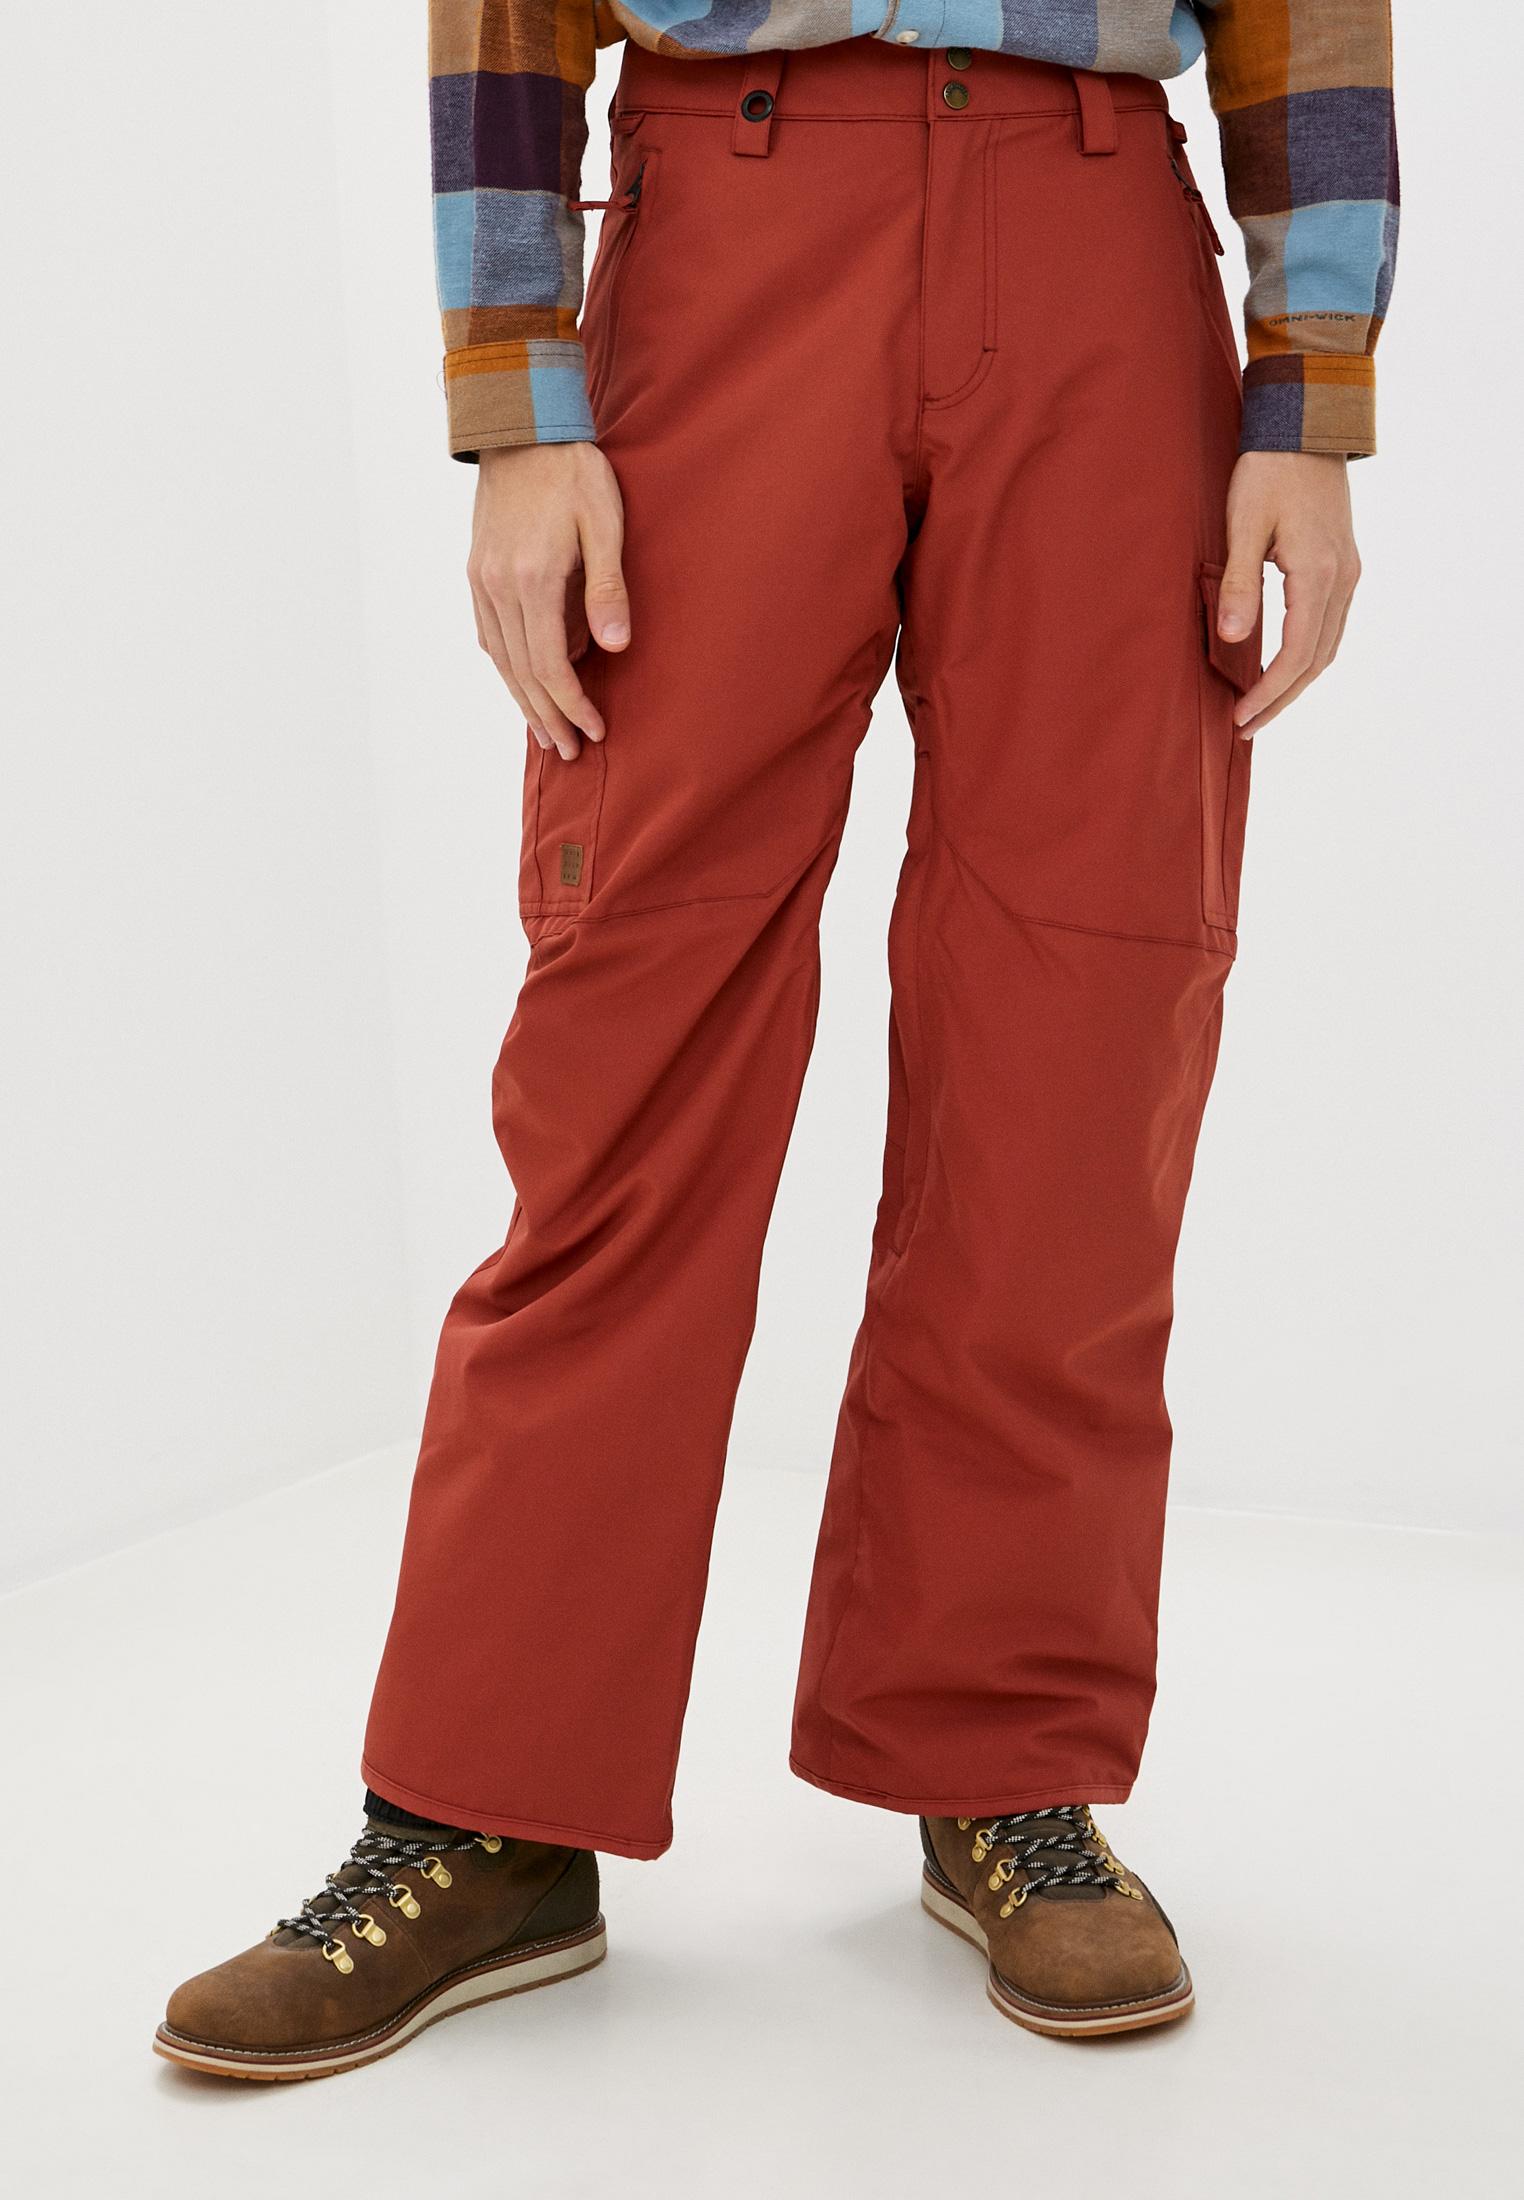 Мужские спортивные брюки Quiksilver (Квиксильвер) Брюки горнолыжные Quiksilver